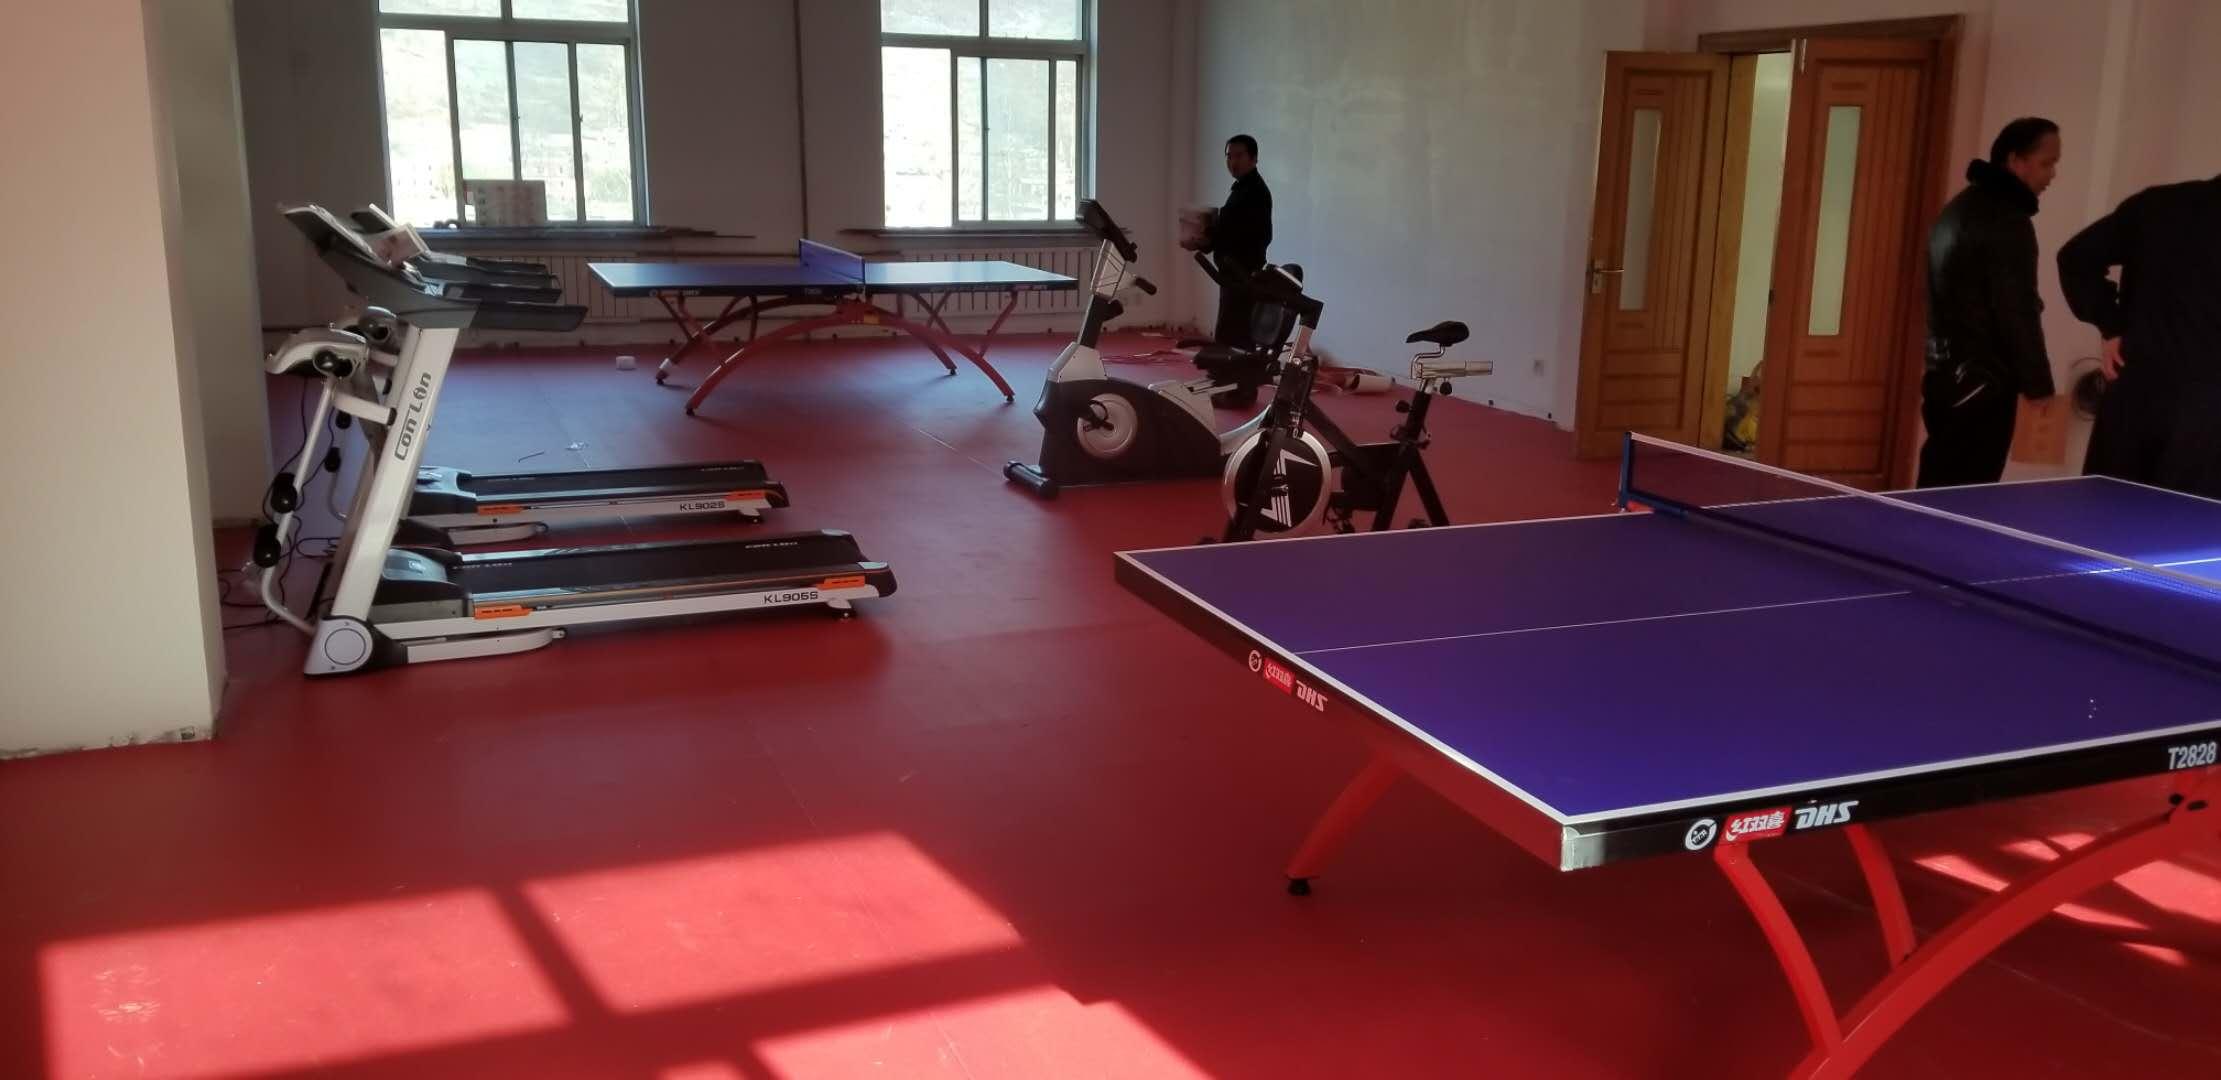 本溪山水工源水泥厂室内健身室